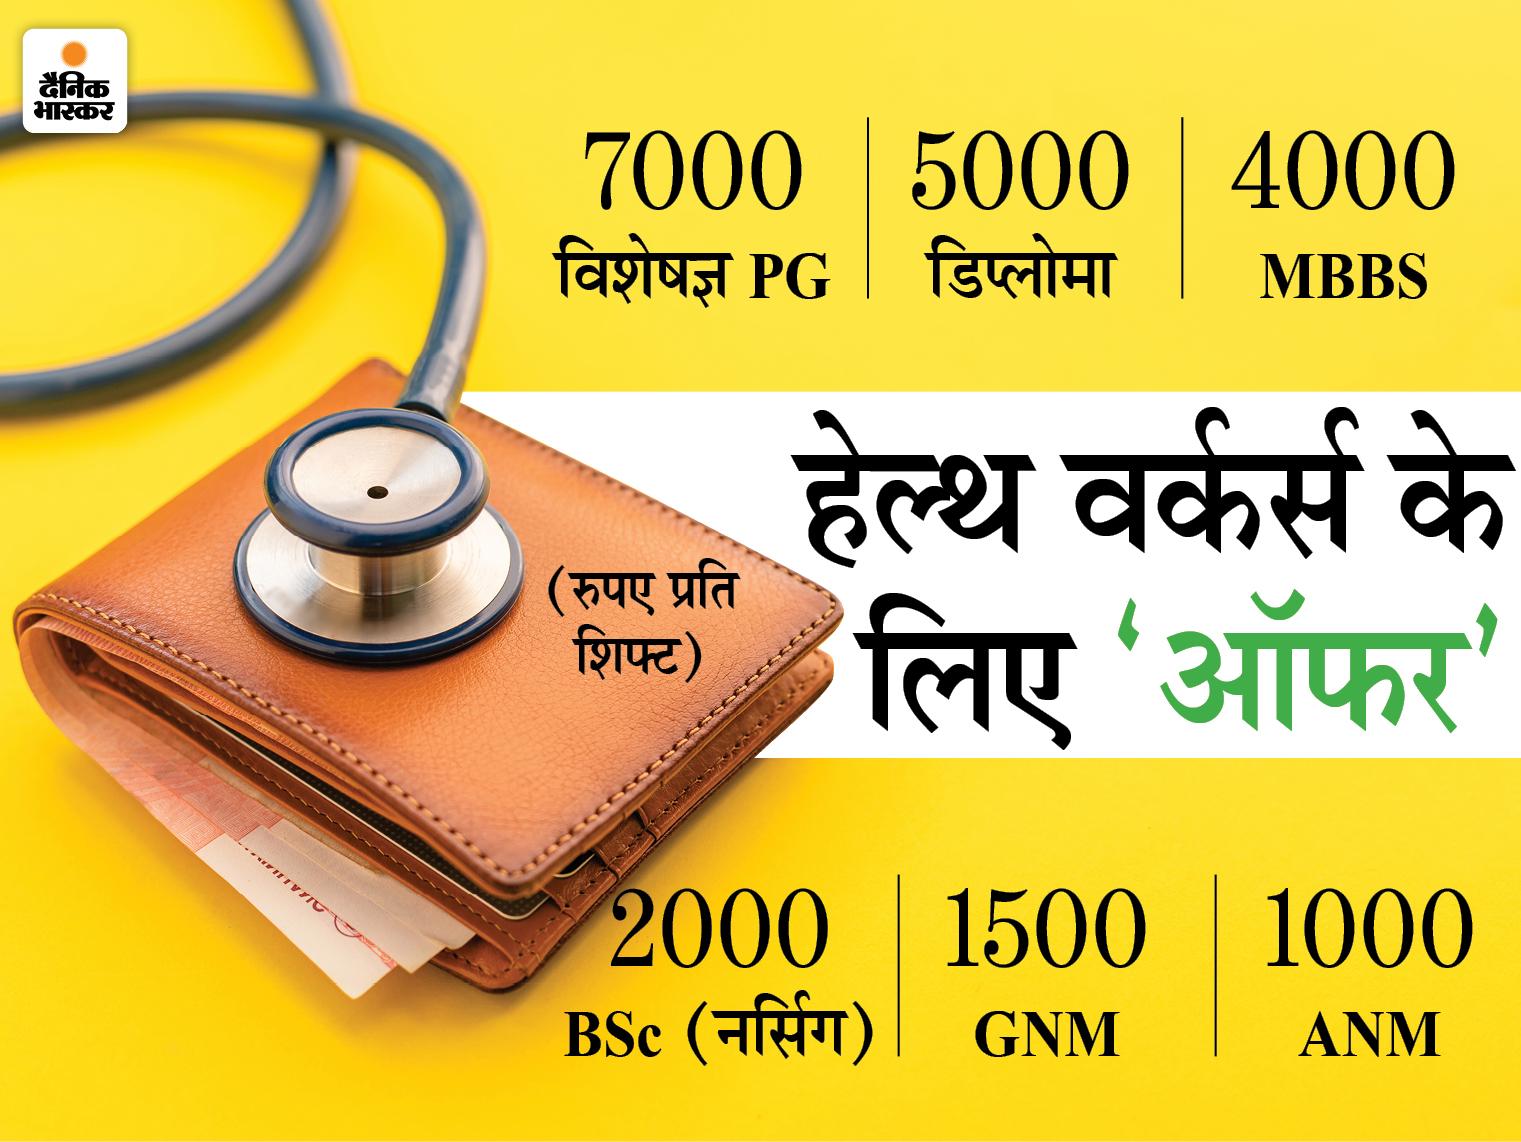 तीन माह के लिए स्पेशलिस्ट PG को 7000 रुपए प्रति शिफ्ट मिलेंगे; बाकी स्टाफ को भी आकर्षक मानदेय बिहार,Bihar - Dainik Bhaskar